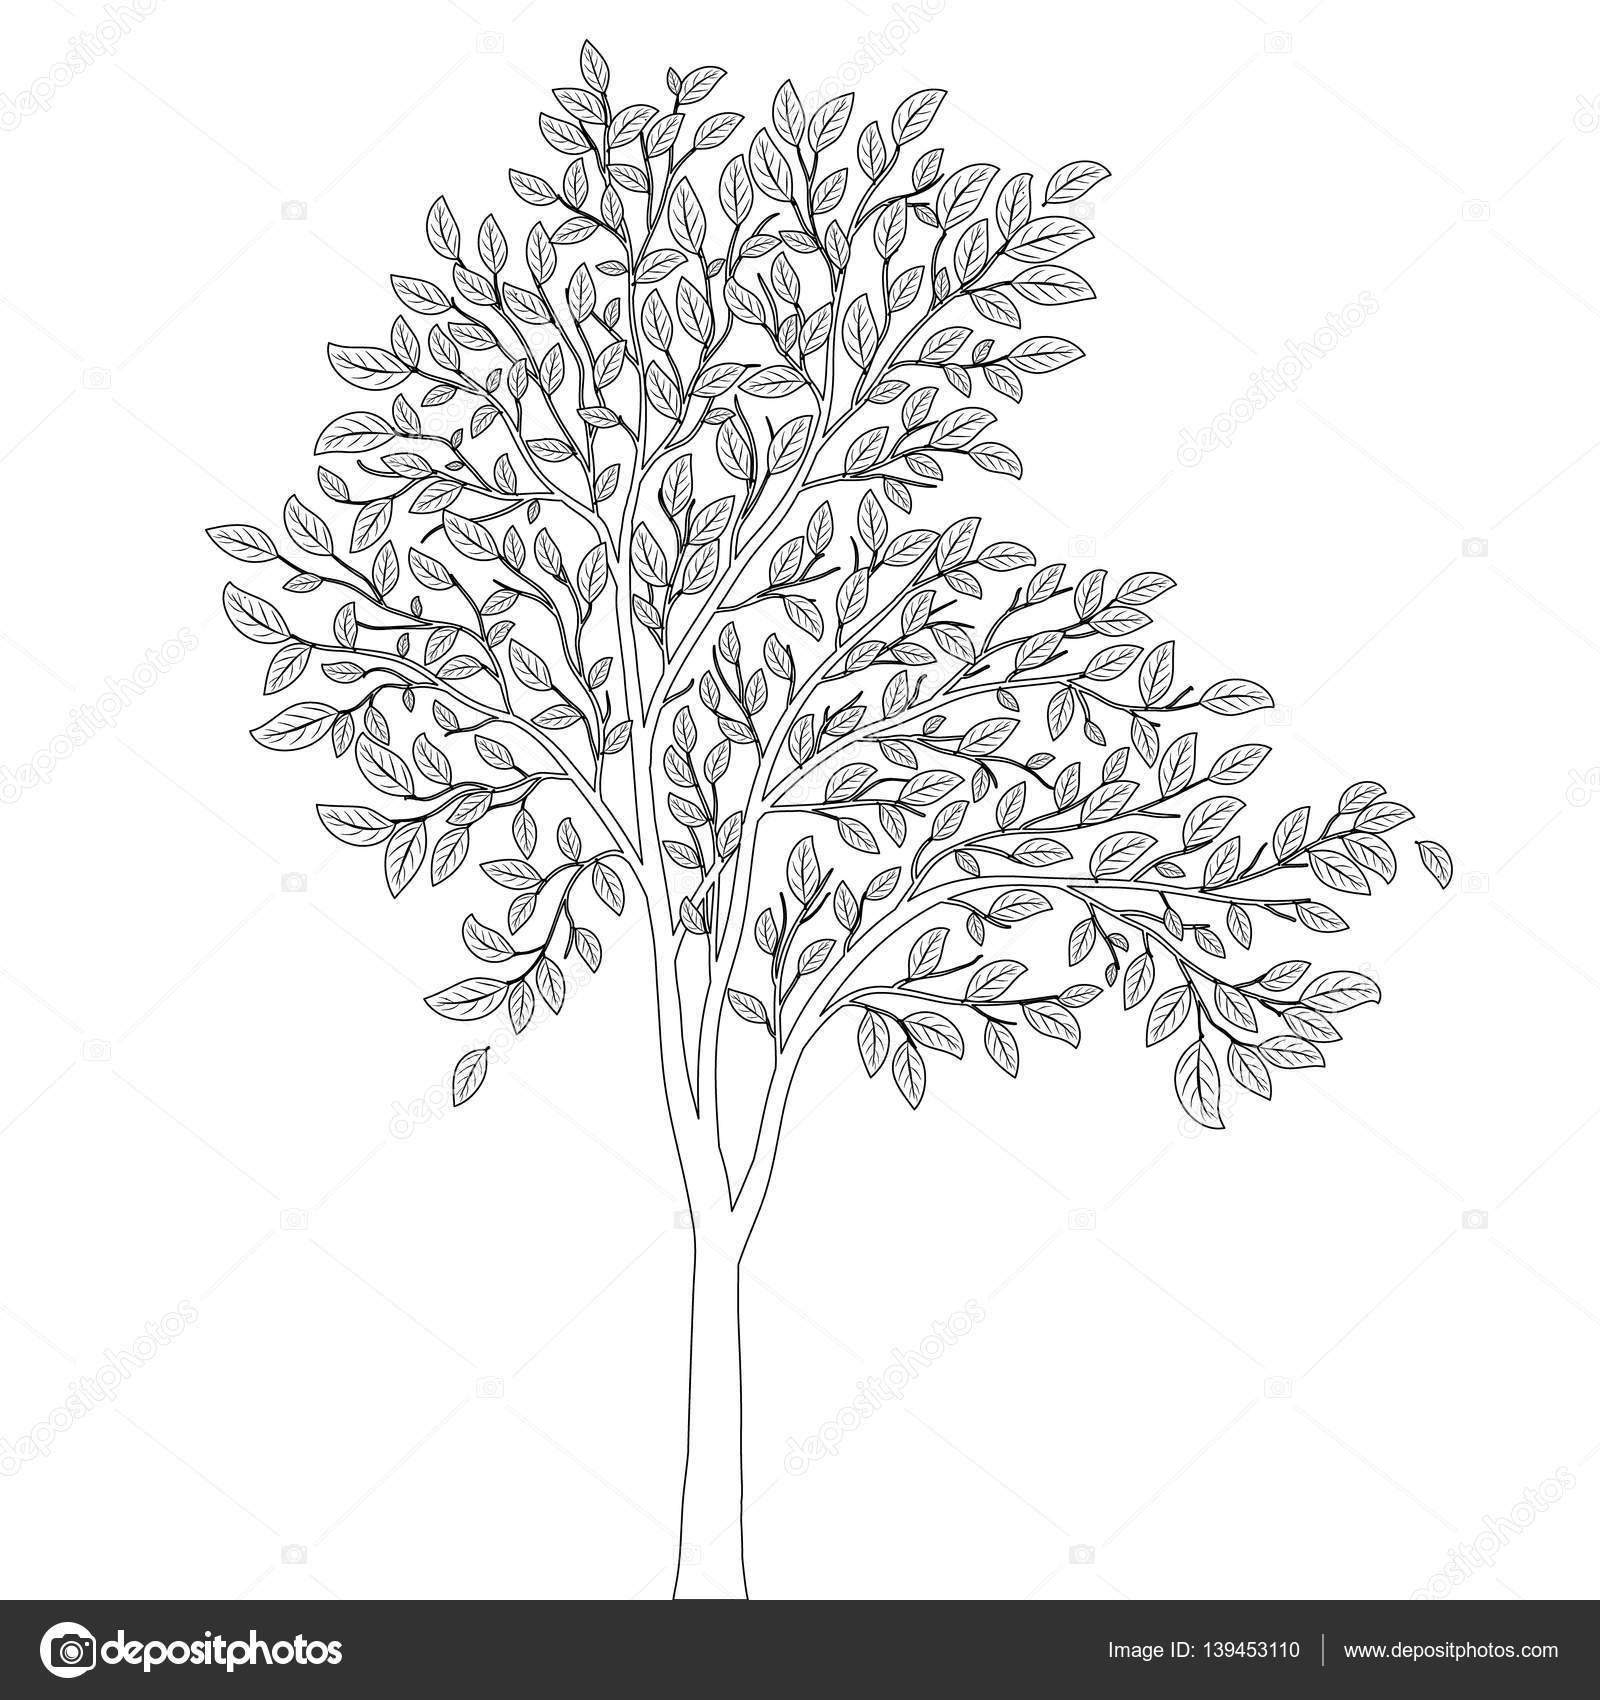 Baum mit Blättern zum Färben von Buch Seite Vektor — Stockvektor ...